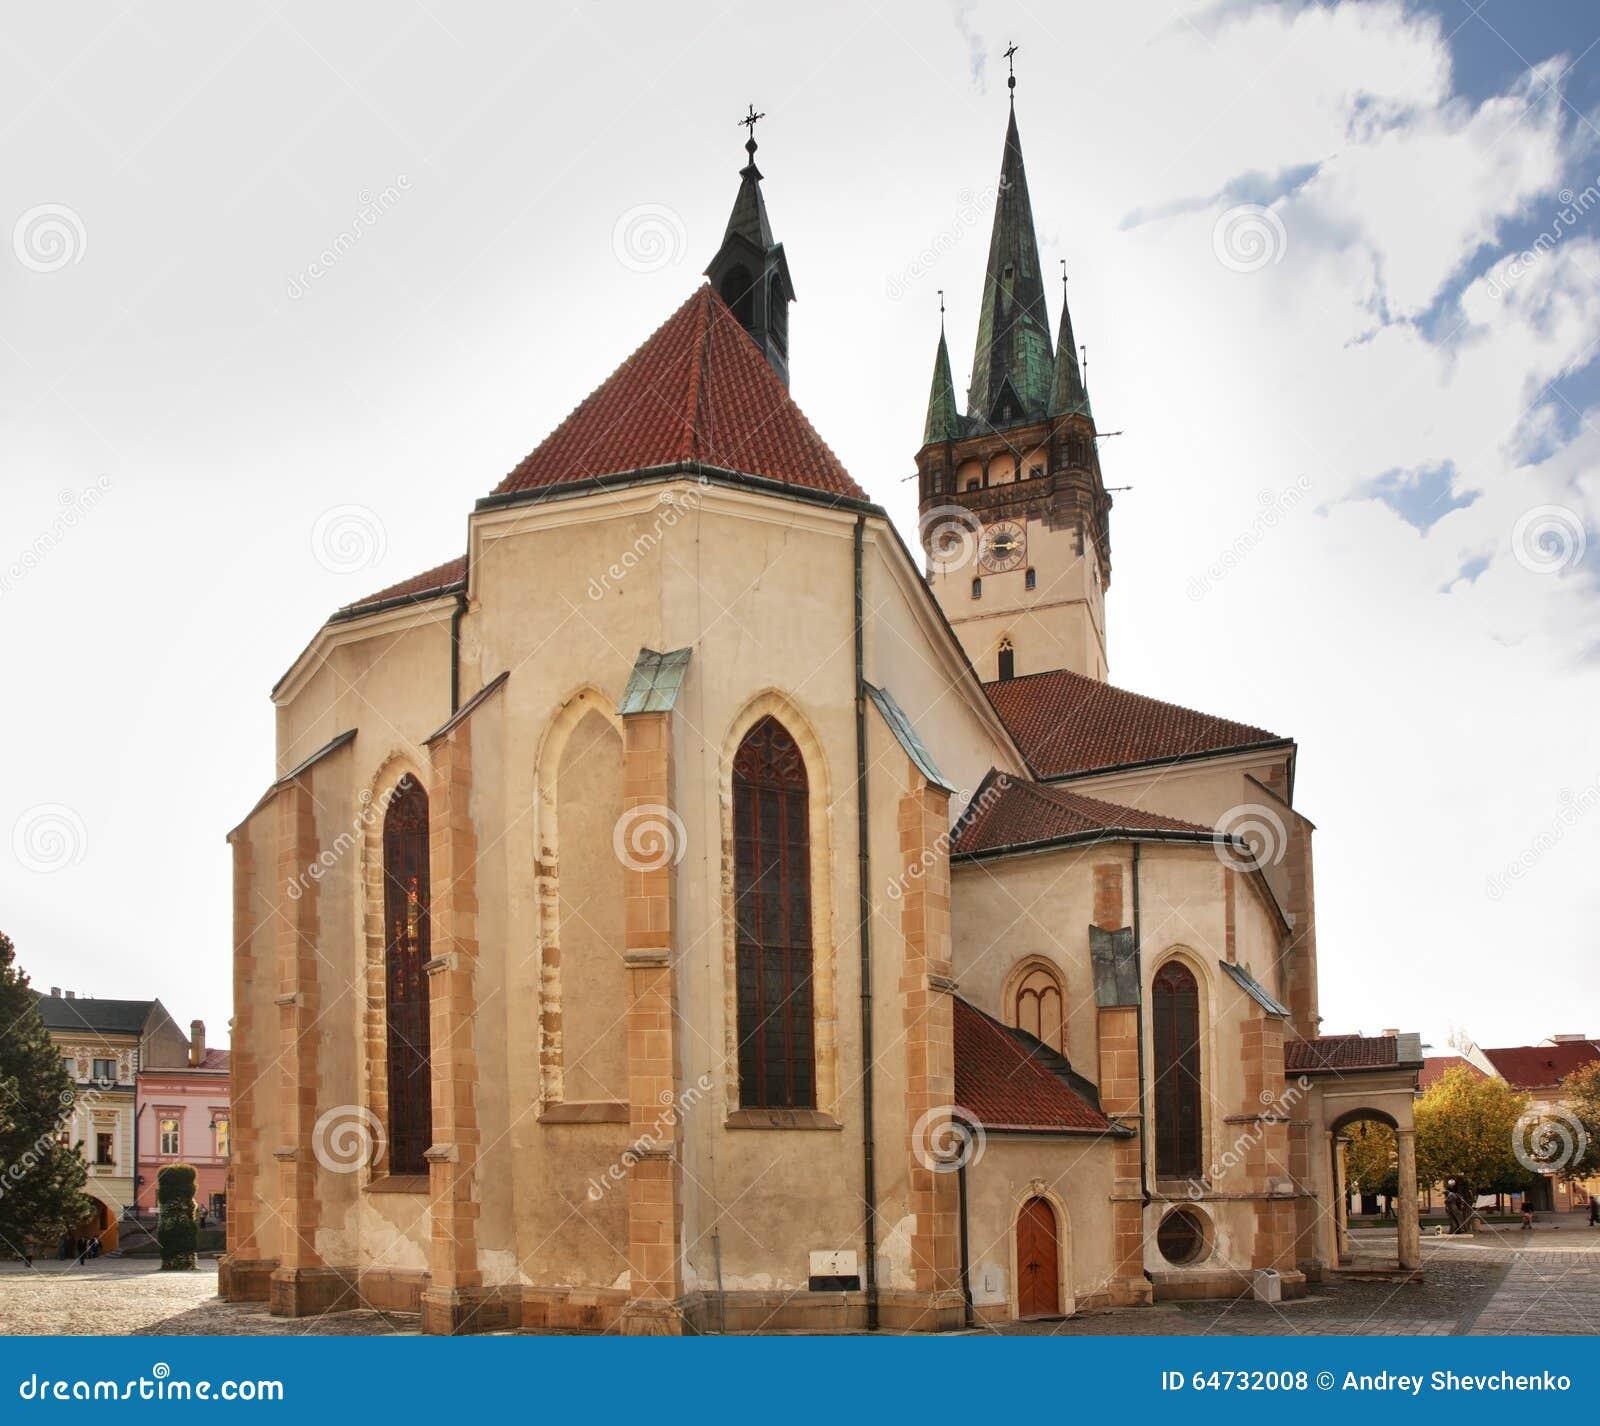 San Nicholas Concathedral in Presov slovakia